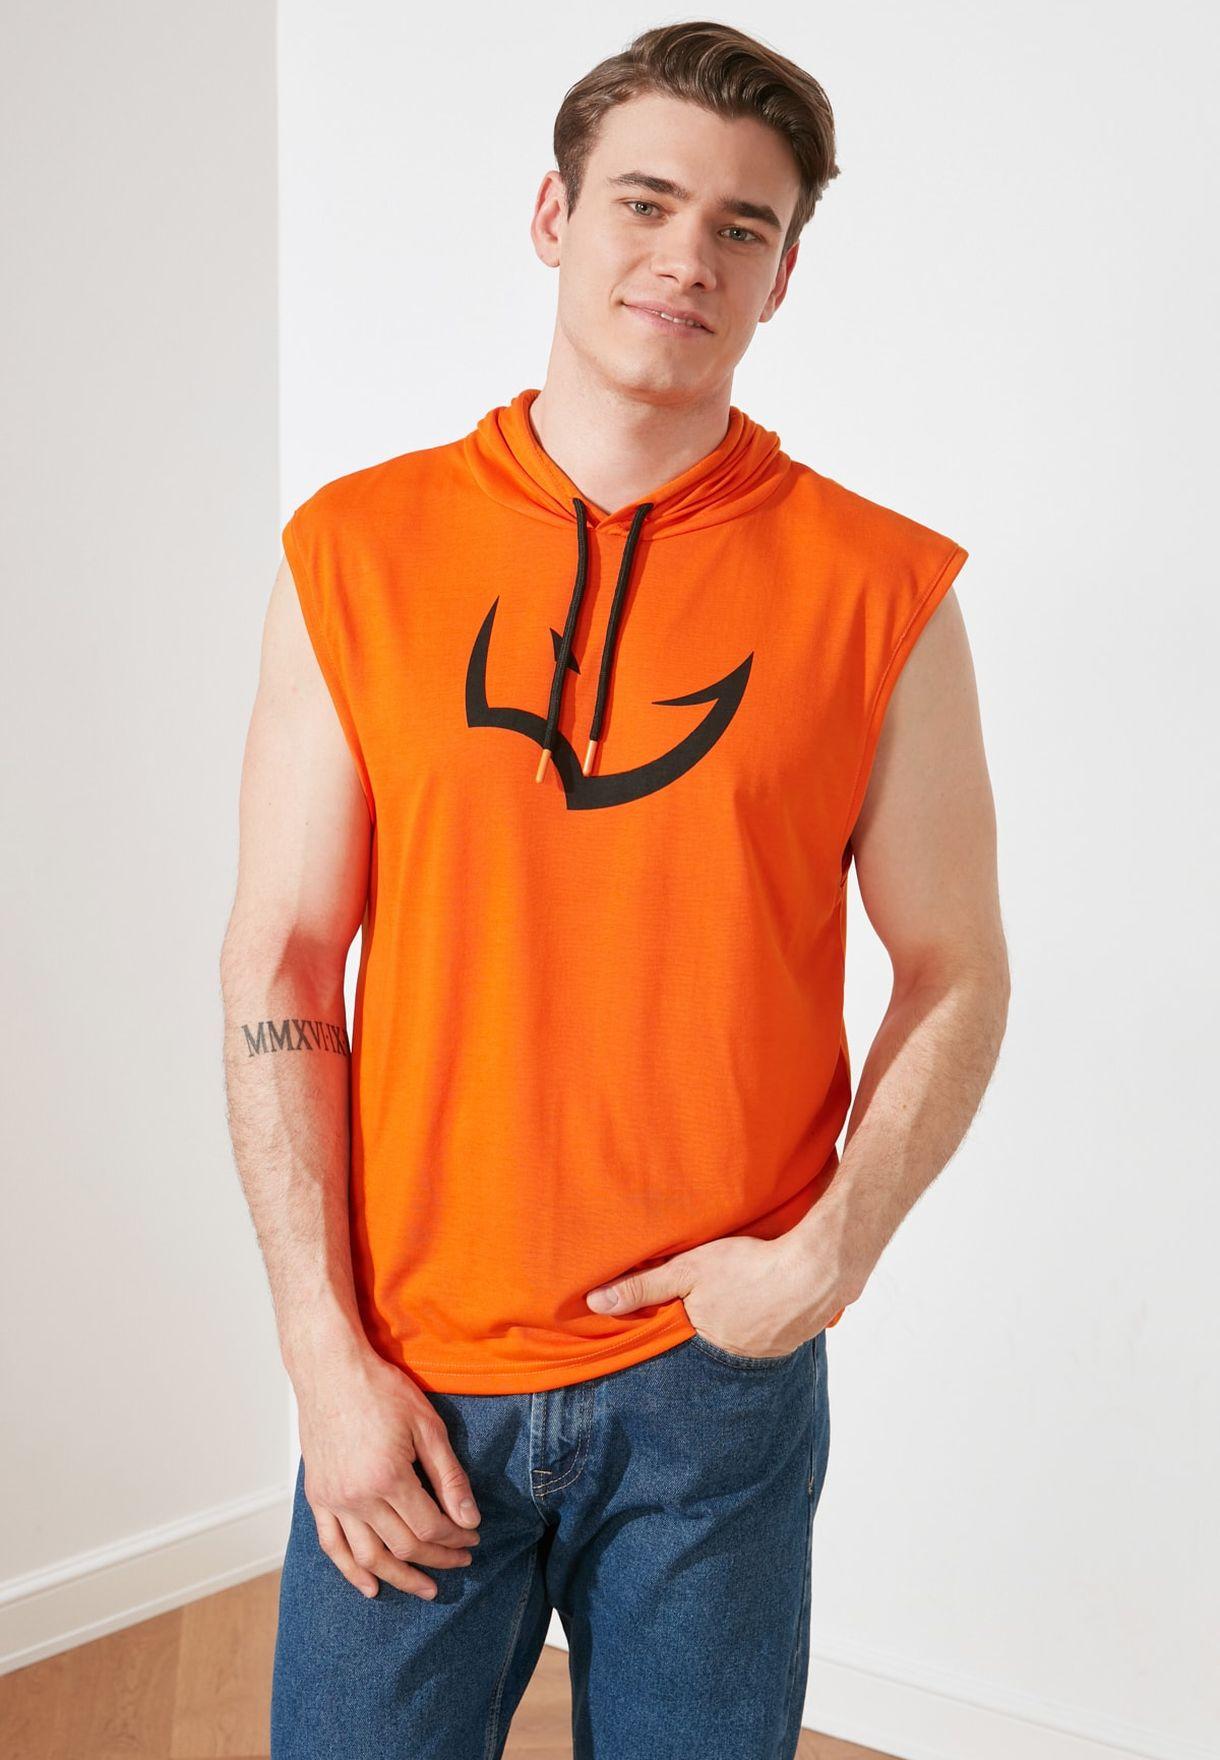 Athlete Essential Vest